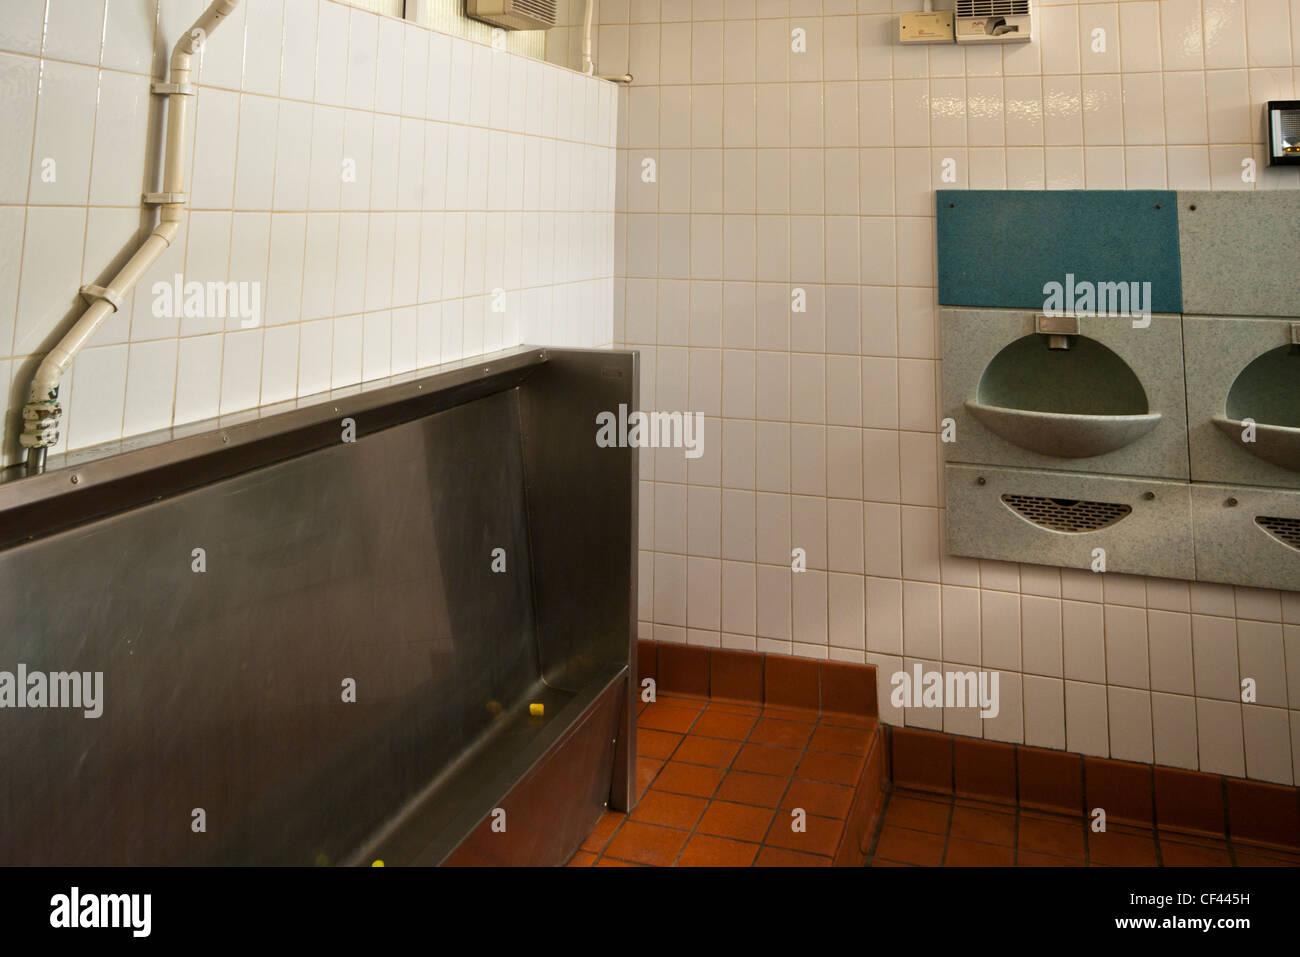 Swan centre public toilets